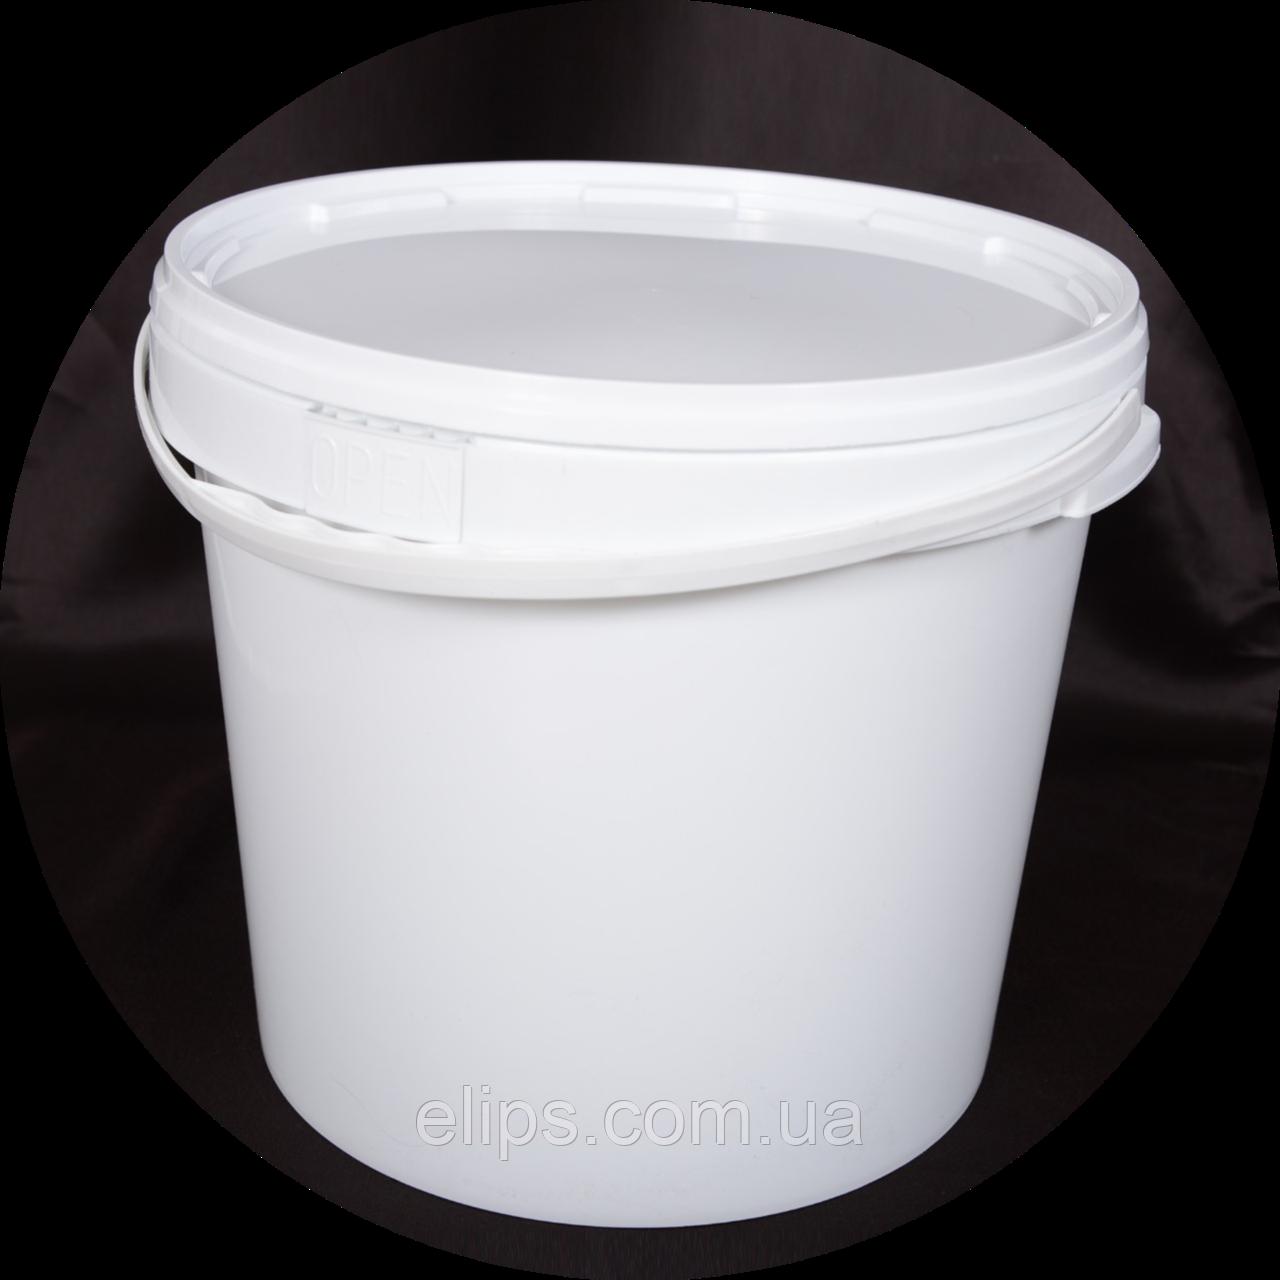 Ведро пластиковое пищевое 20 л (упаковка 5 шт). Бесплатная доставка!